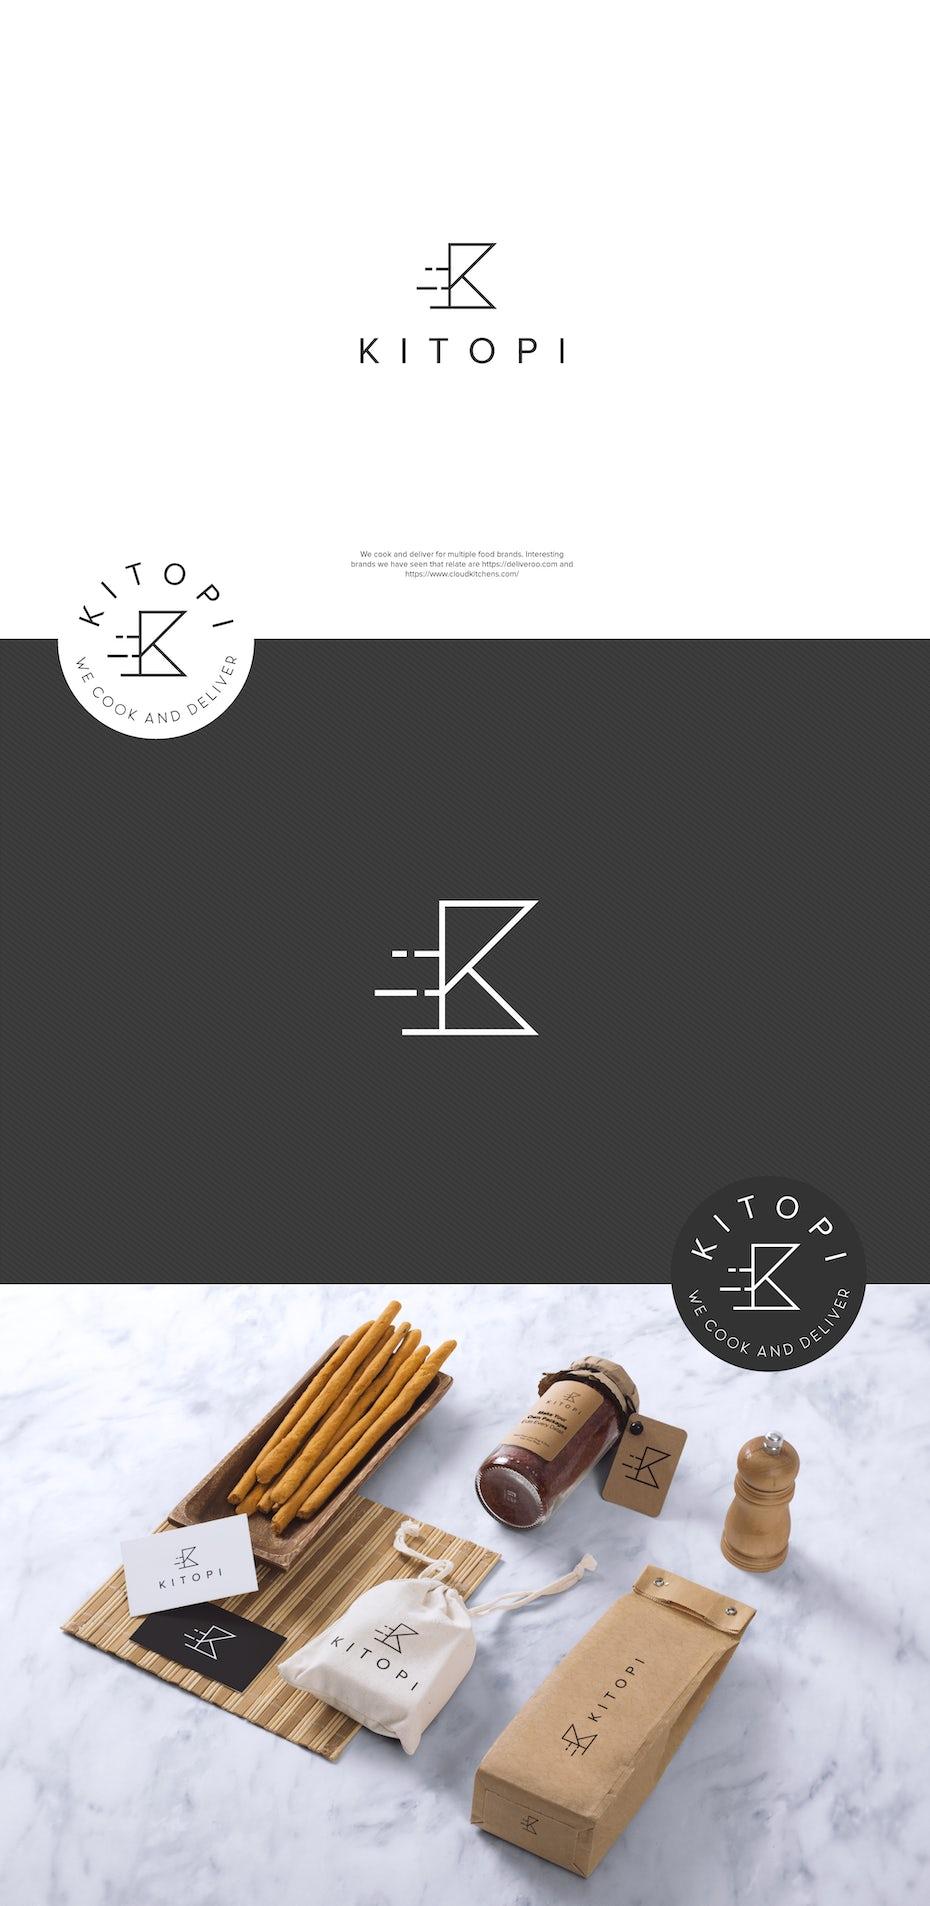 Kitopi packaging